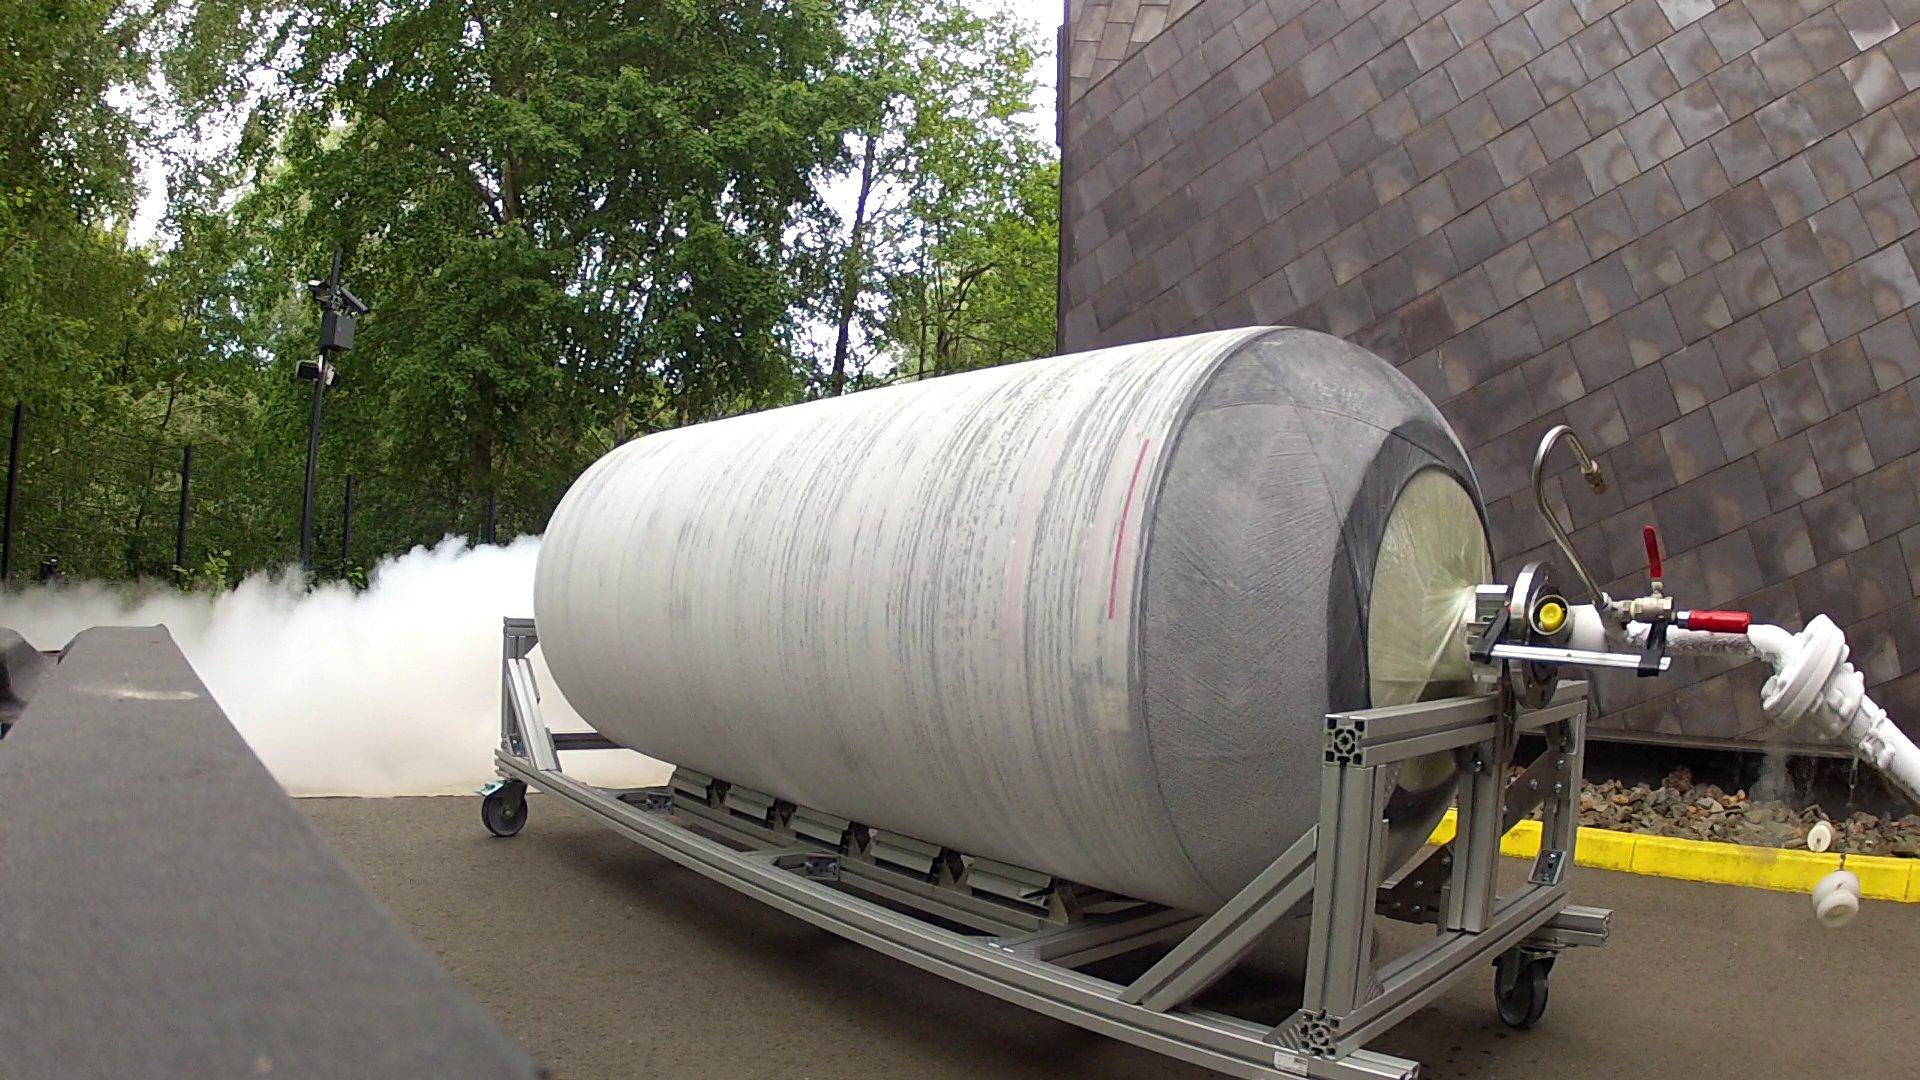 Die Tanks wurden im Projekt Chatt zu Testzwecken mit flüssigem Stickstoff mit einer Temperatur von rund -200 °C betankt. Das Deutsche Zentrum für Luft- und Raumfahrt (DLR) erforschte damit zusammen mit zehn weiteren europäischen Partnern neue Technologien für den Luftverkehr.